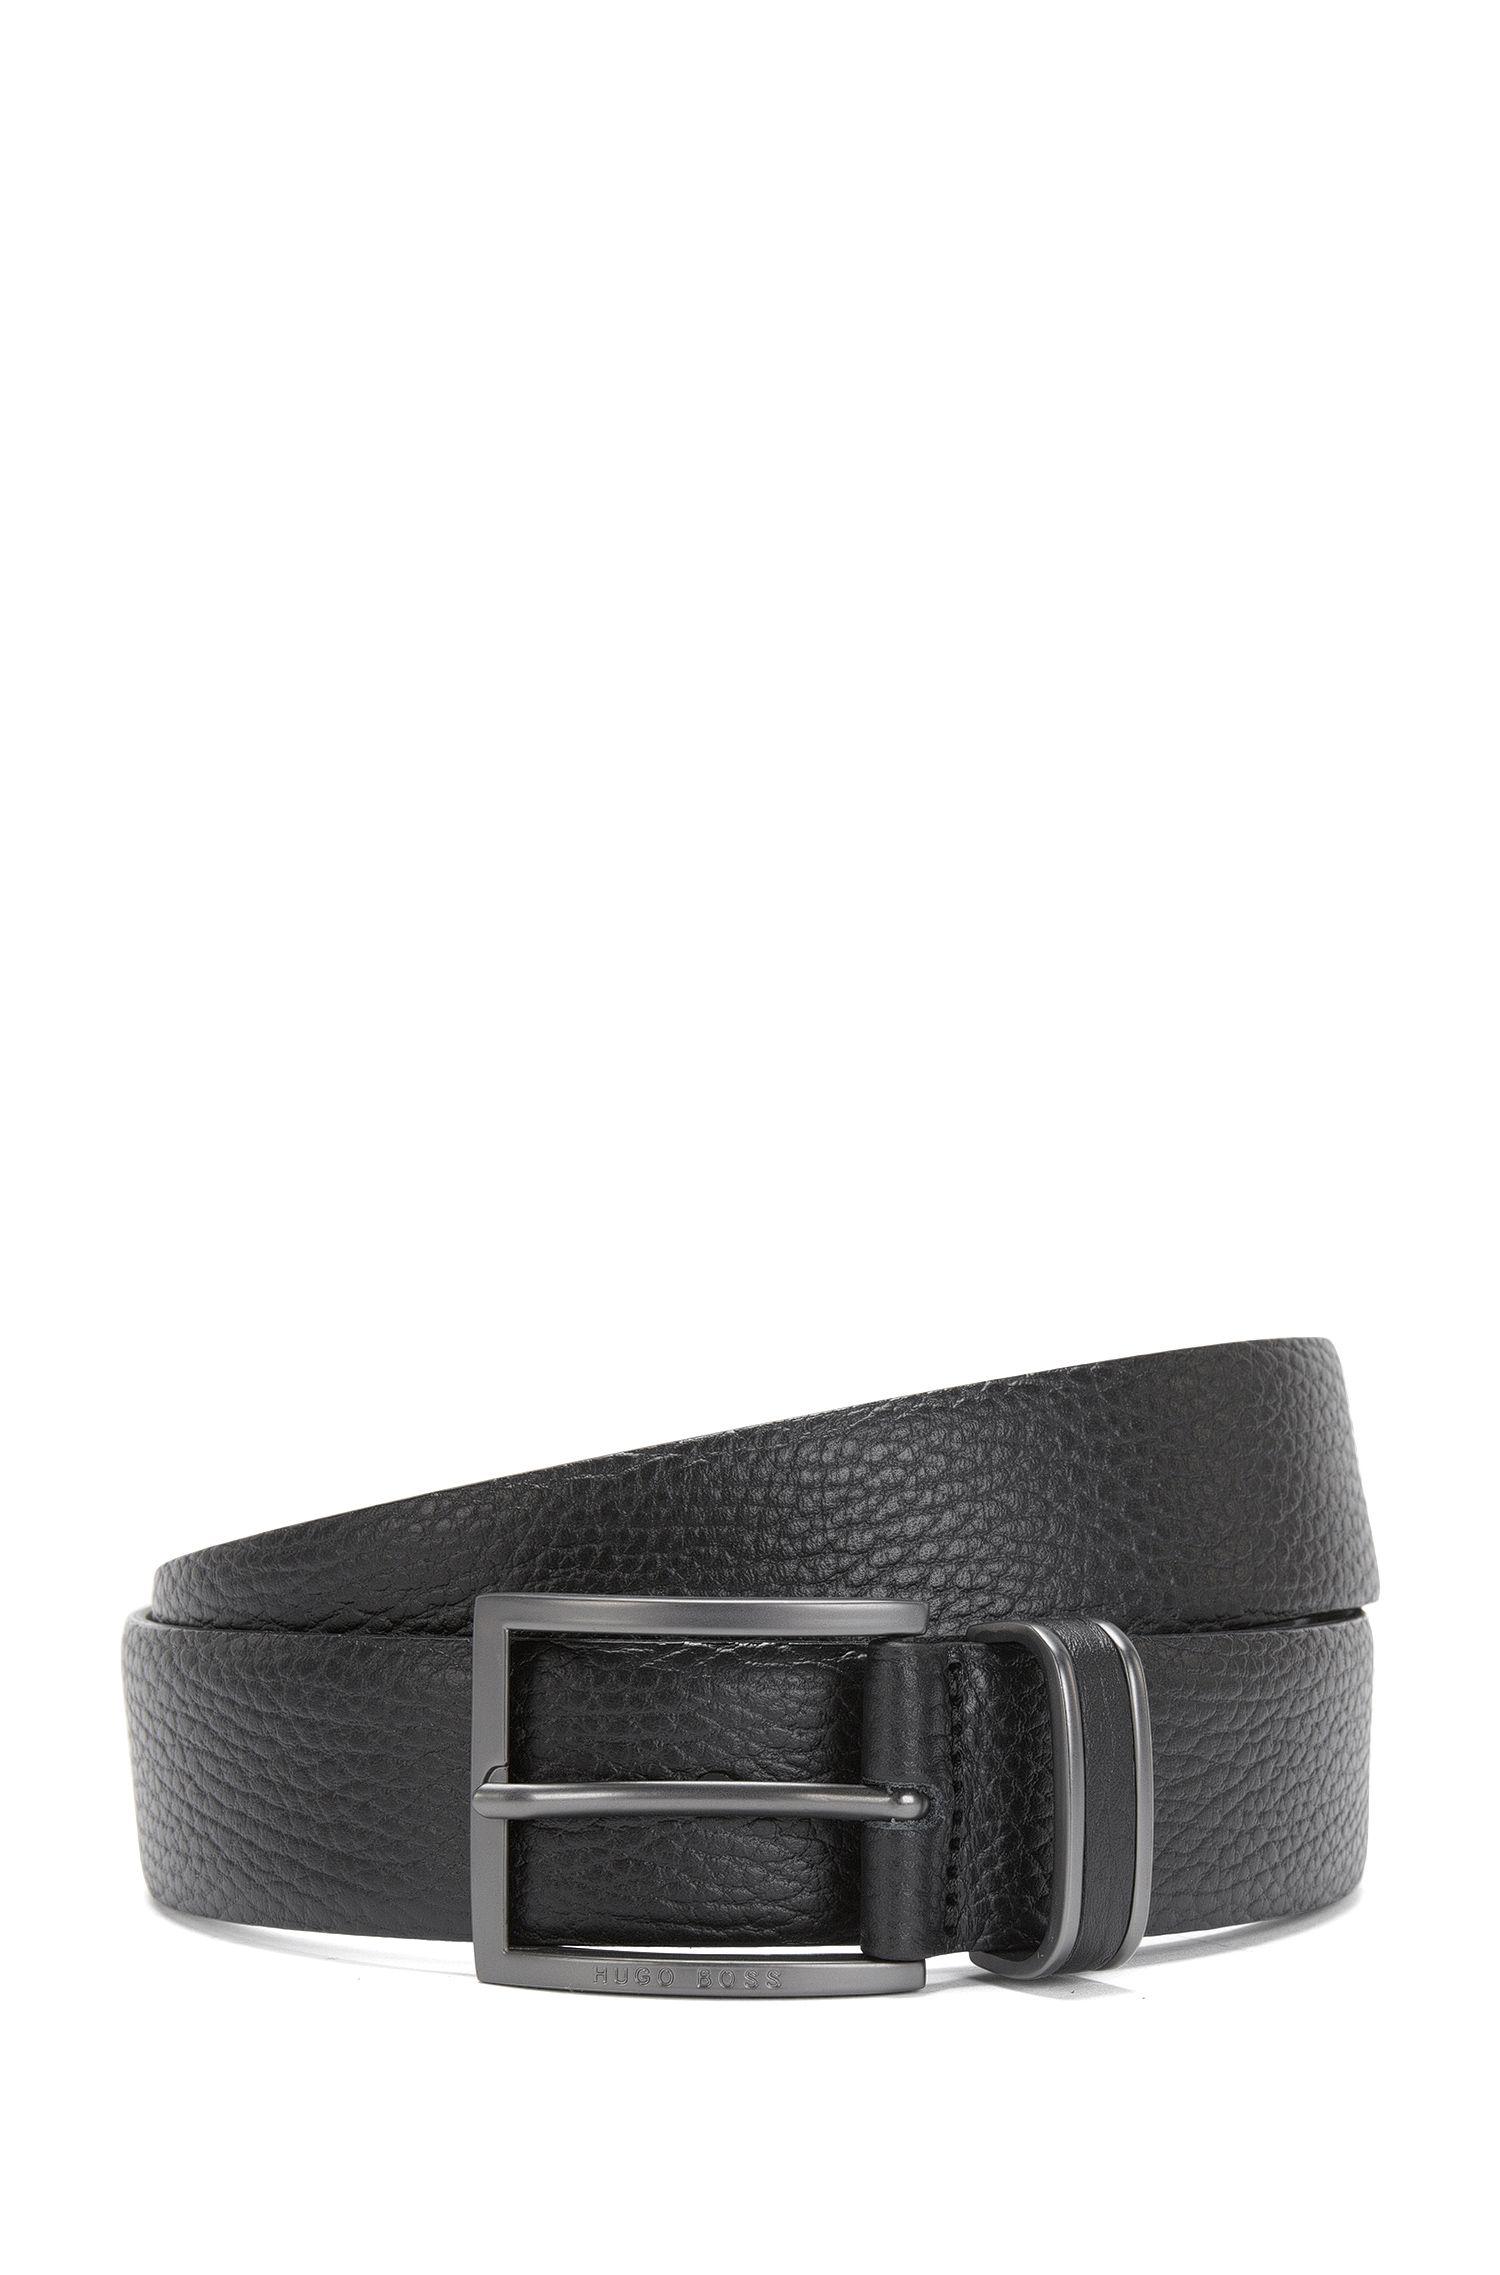 'Sopprin Sz Itgr' | Italian Grained Leather Belt